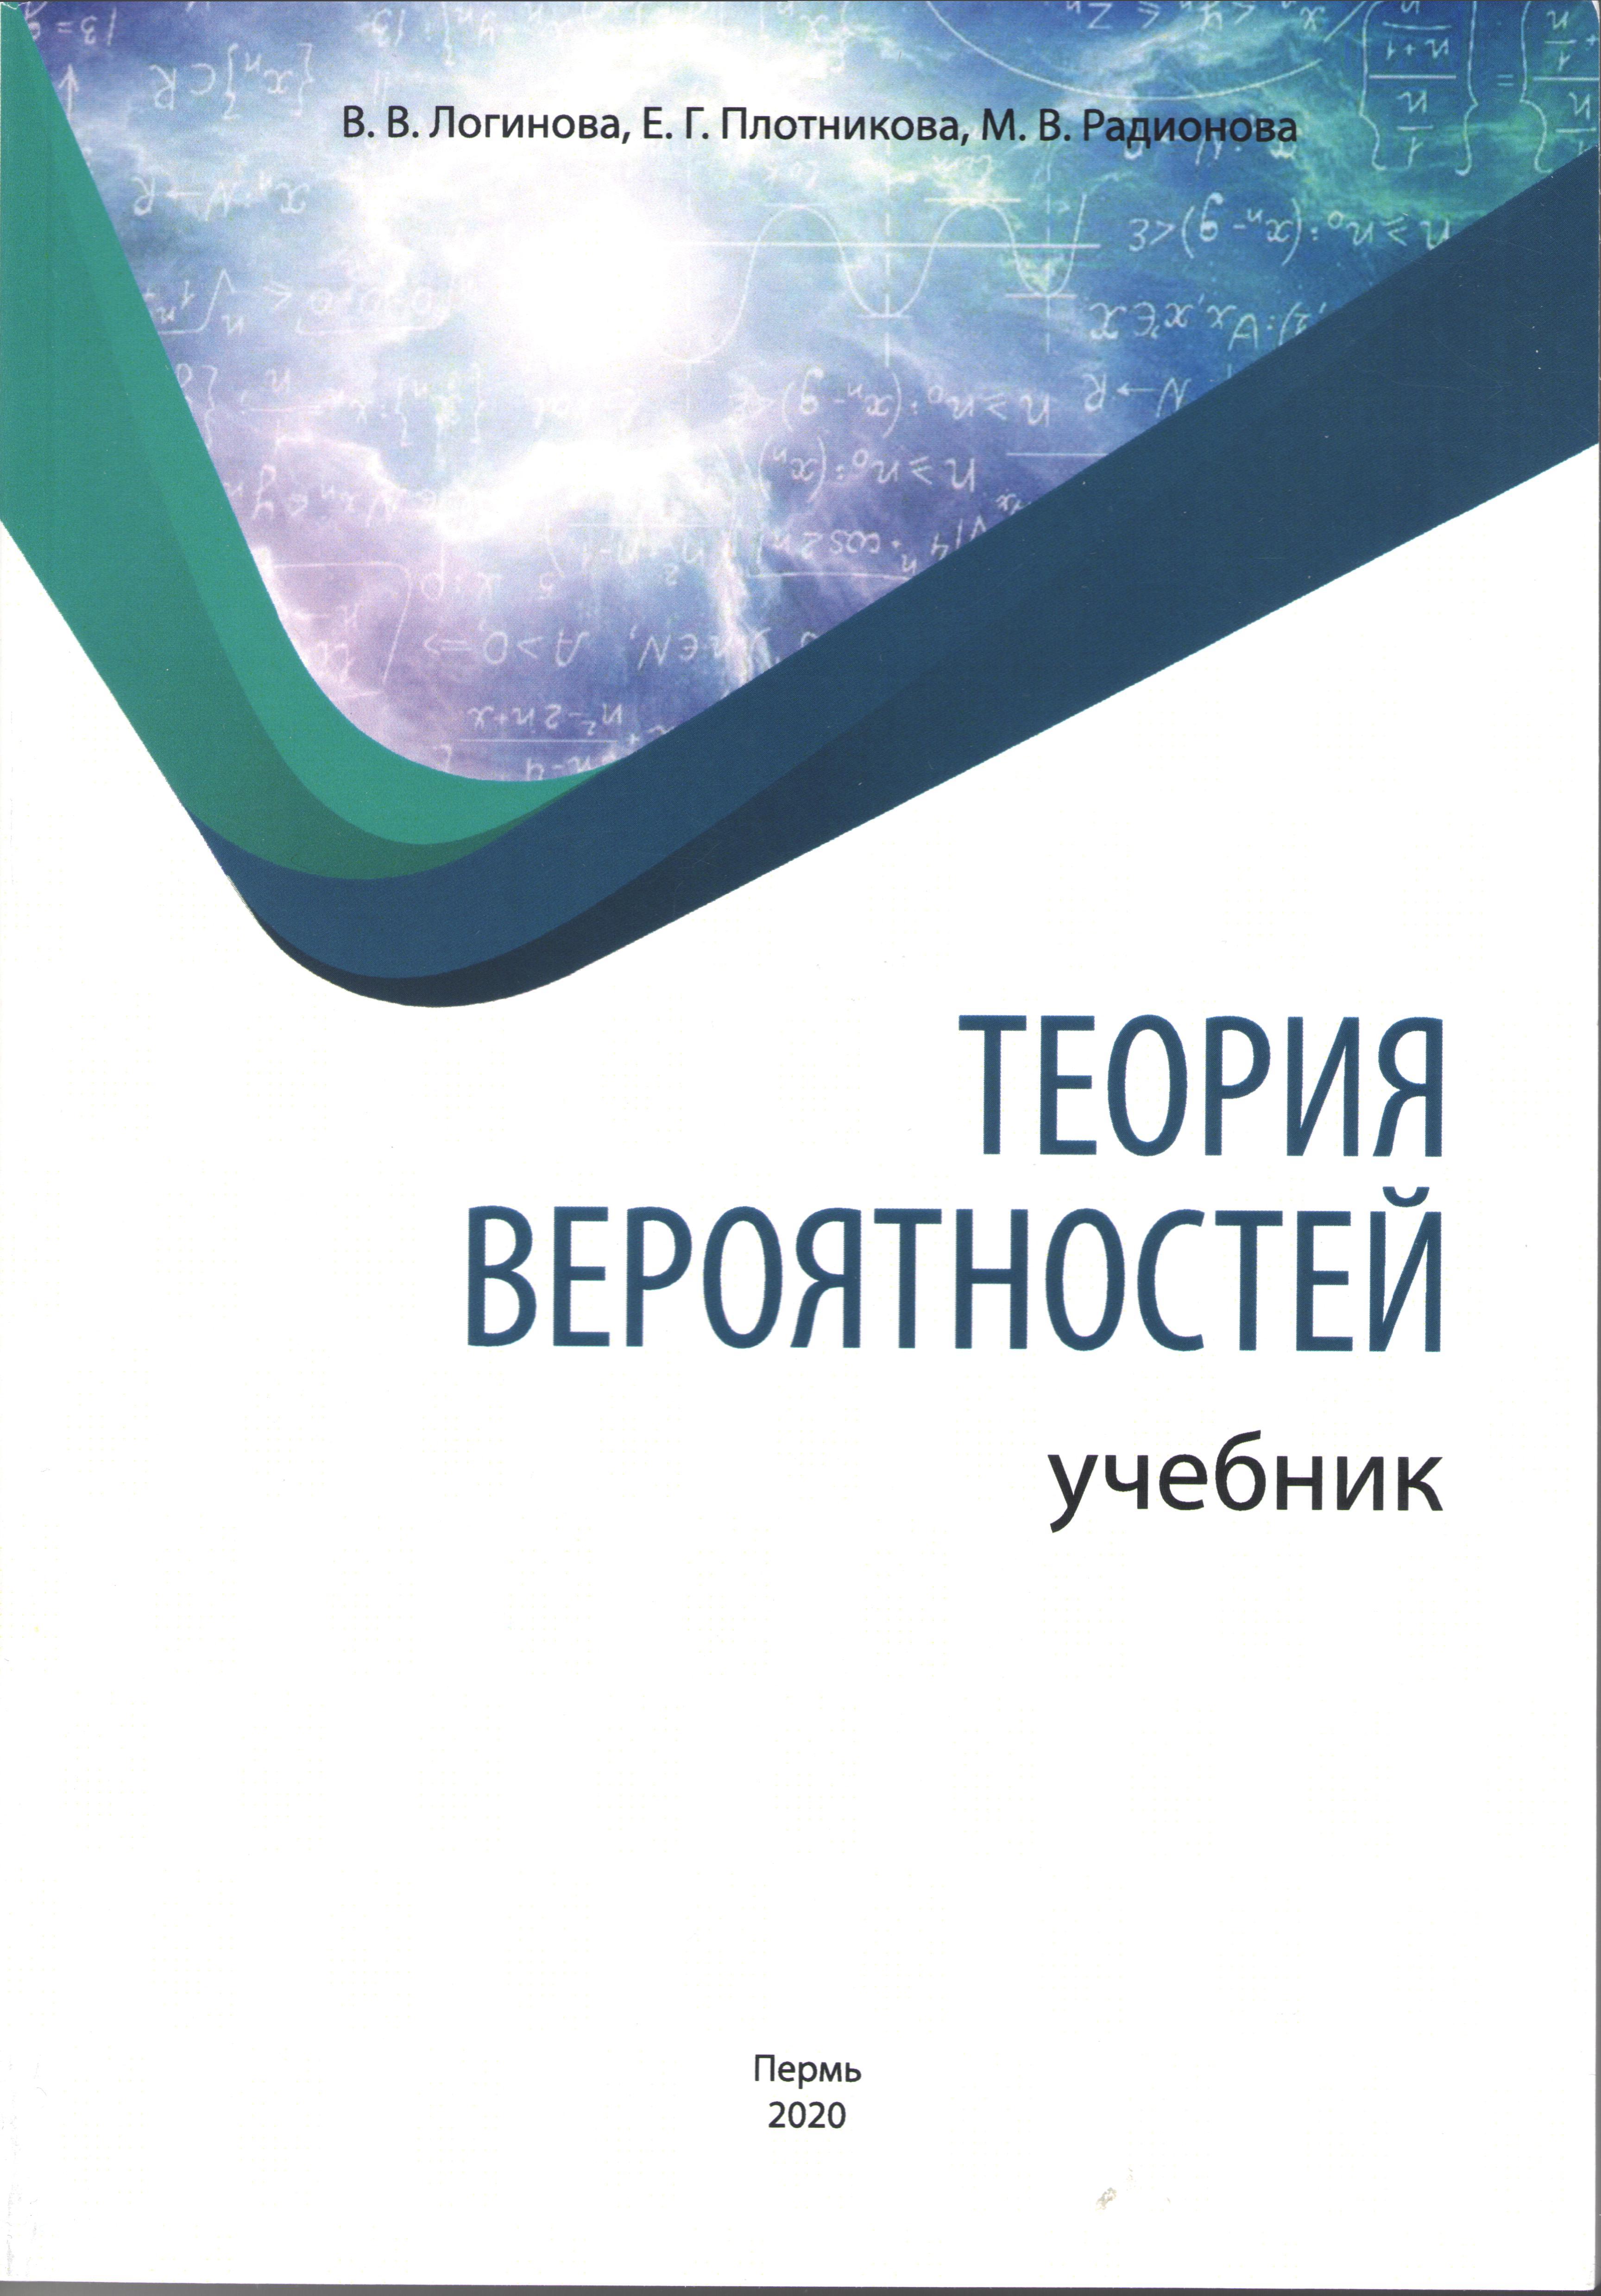 Теория вероятностей: учебник